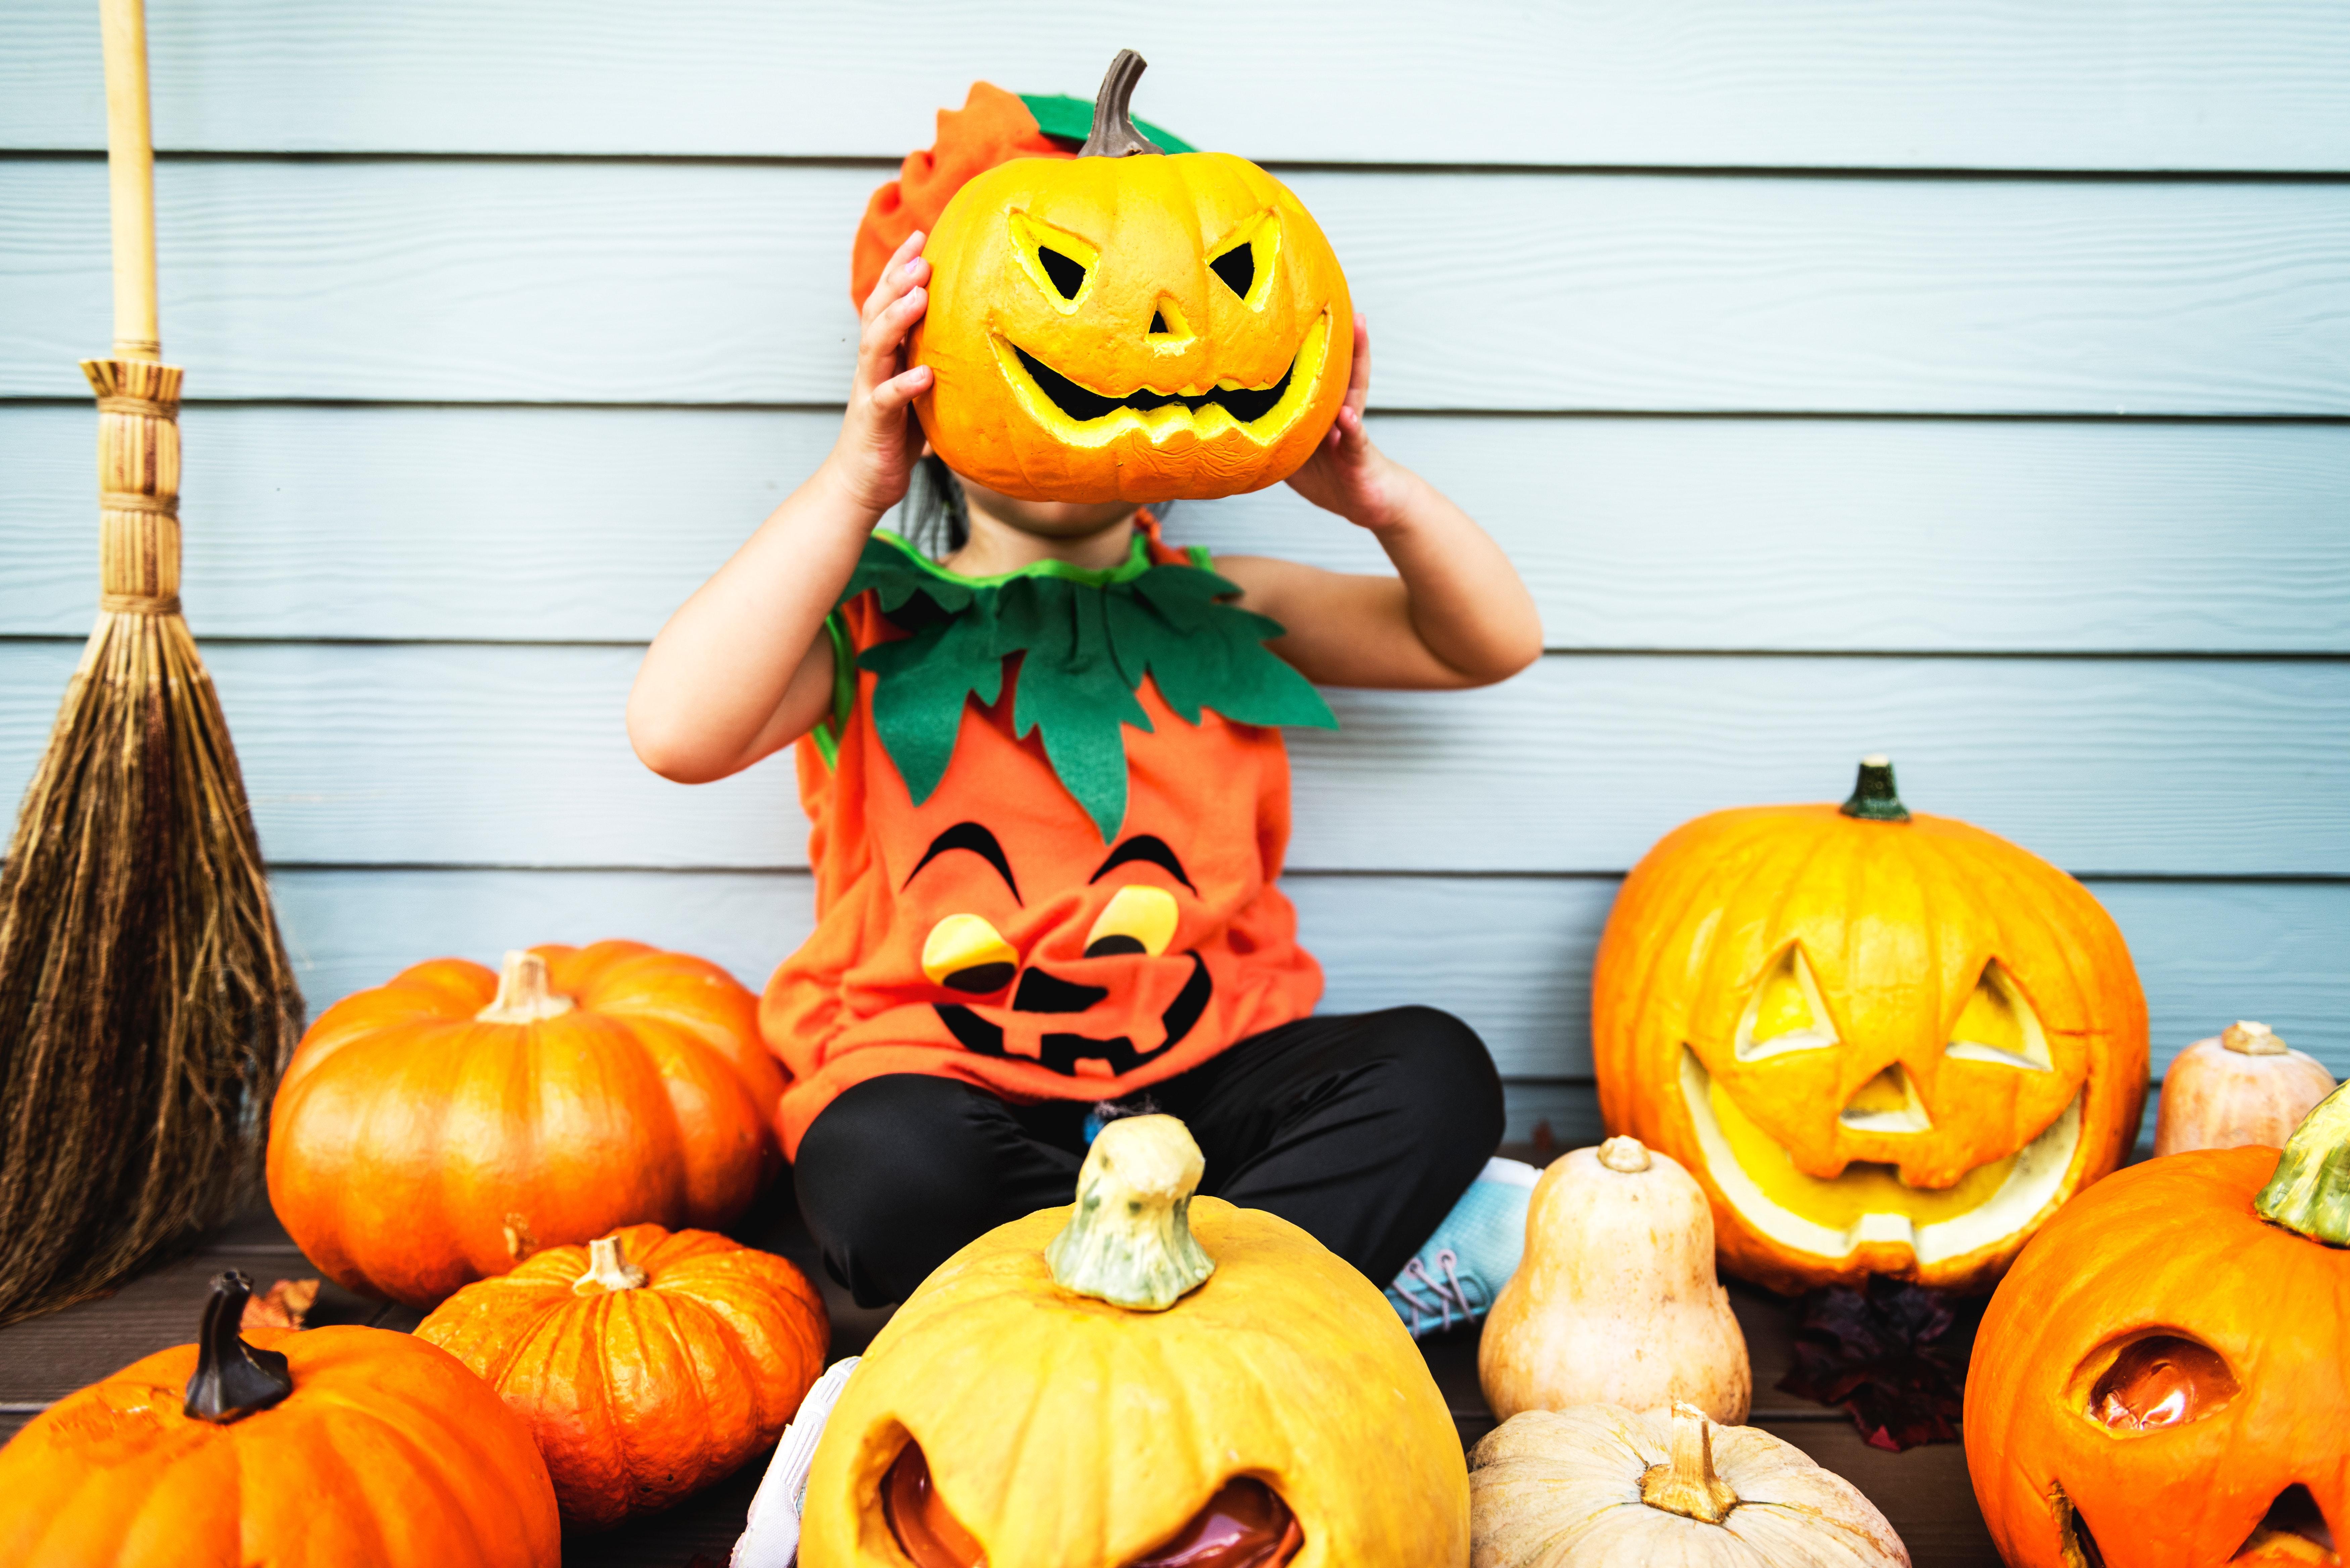 broom-carved-pumpkin-celebration-1484213.jpg